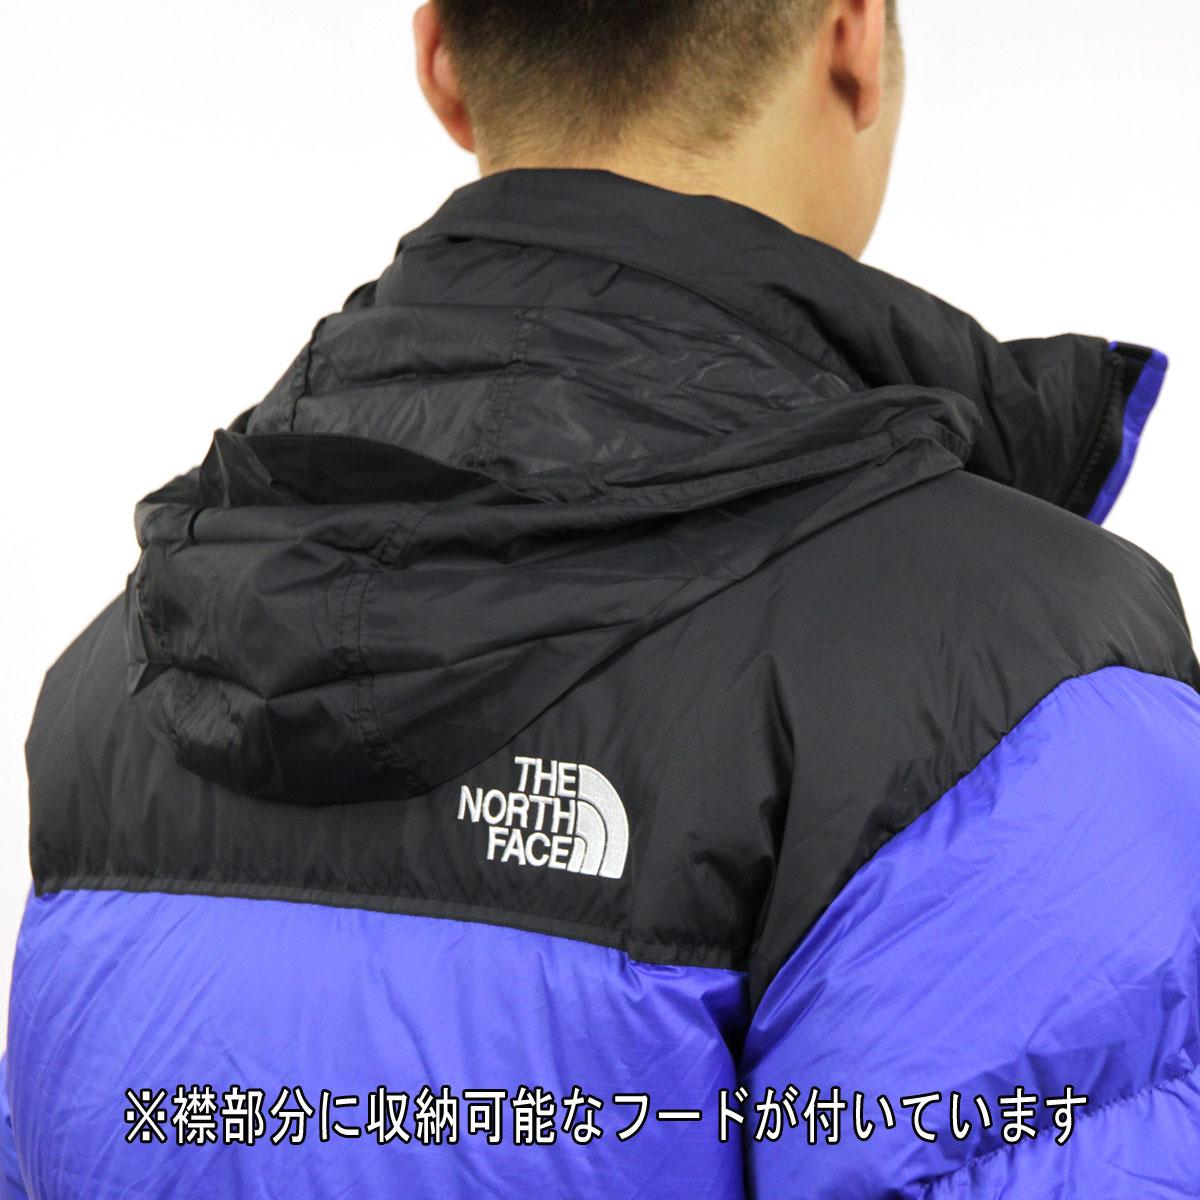 ノースフェイス ダウンジャケット メンズ 正規品 THE NORTH FACE ヌプシジャケット 1996 アウター TNF 1996 RETRO NUPTSE JACKET TNF BLUE A14B B1C C1D D4E E07F